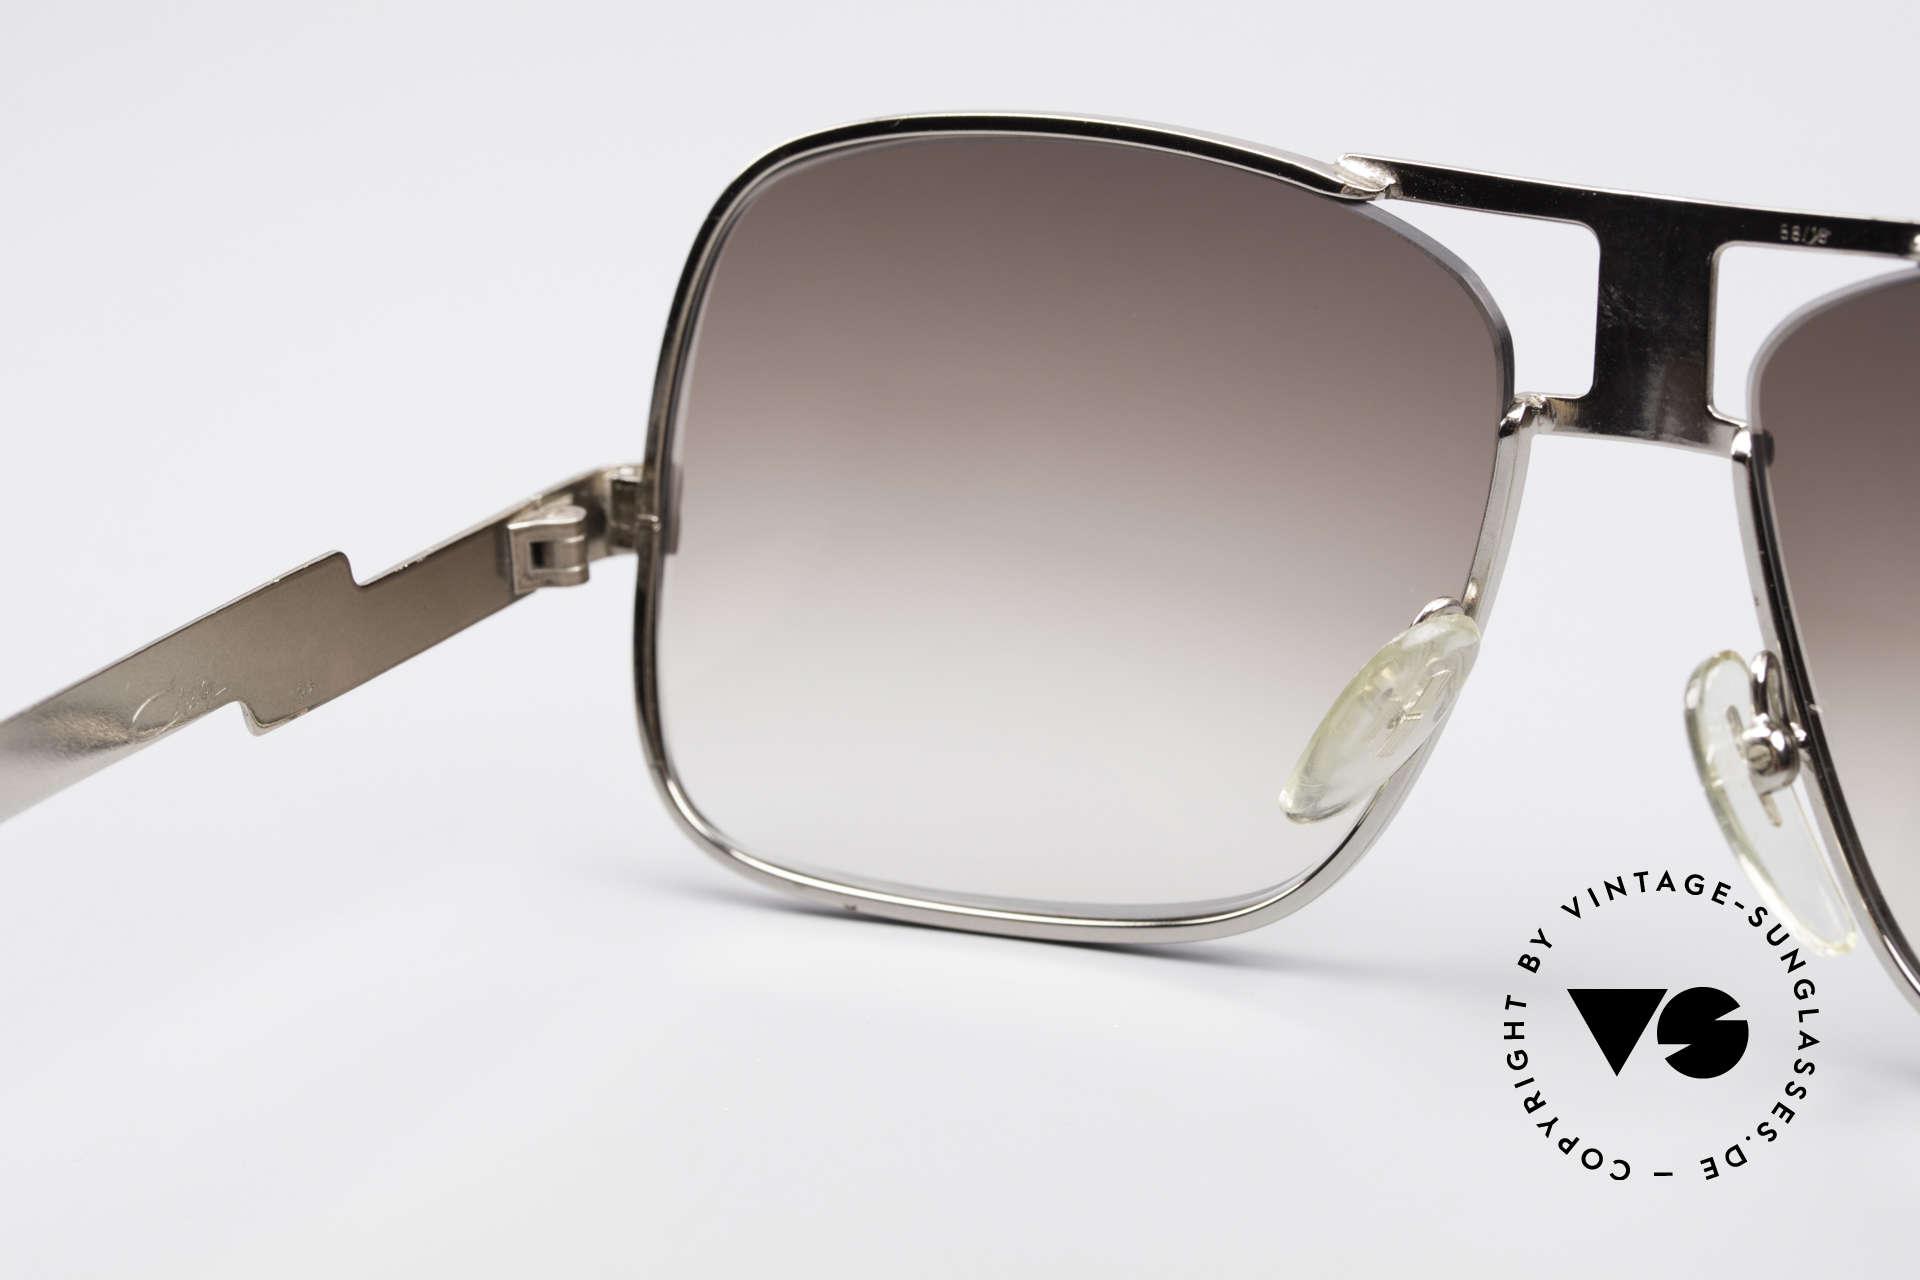 Cazal 701 Ultra Seltene 70er Sonnenbrille, KEINE Retrobrille, sondern ein 40 Jahre altes Original, Passend für Herren